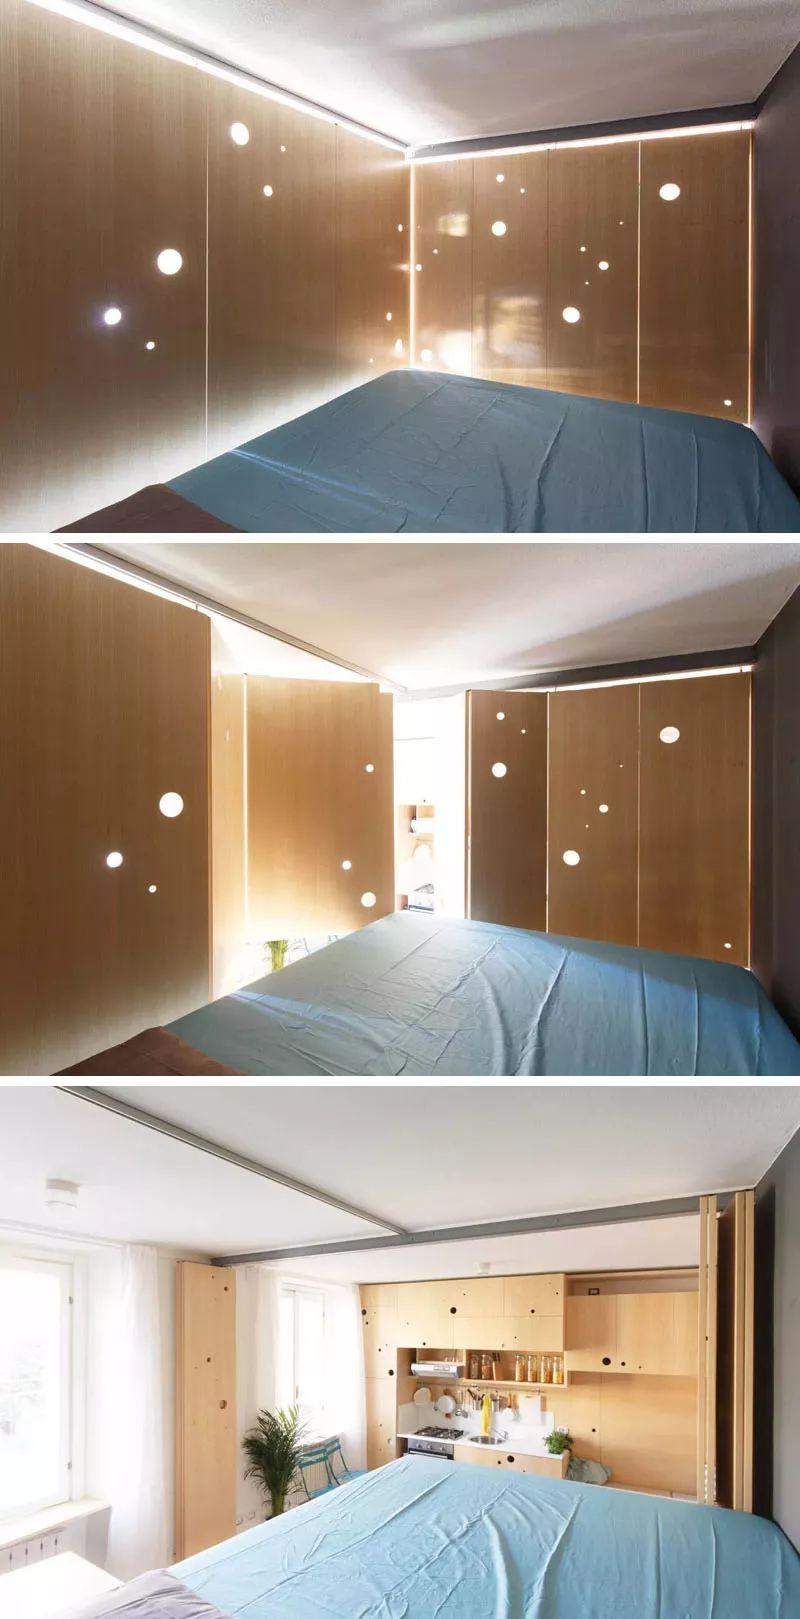 大神用隔断、柜子+打孔,把30㎡小单间装出90㎡的 feel!插图(9)